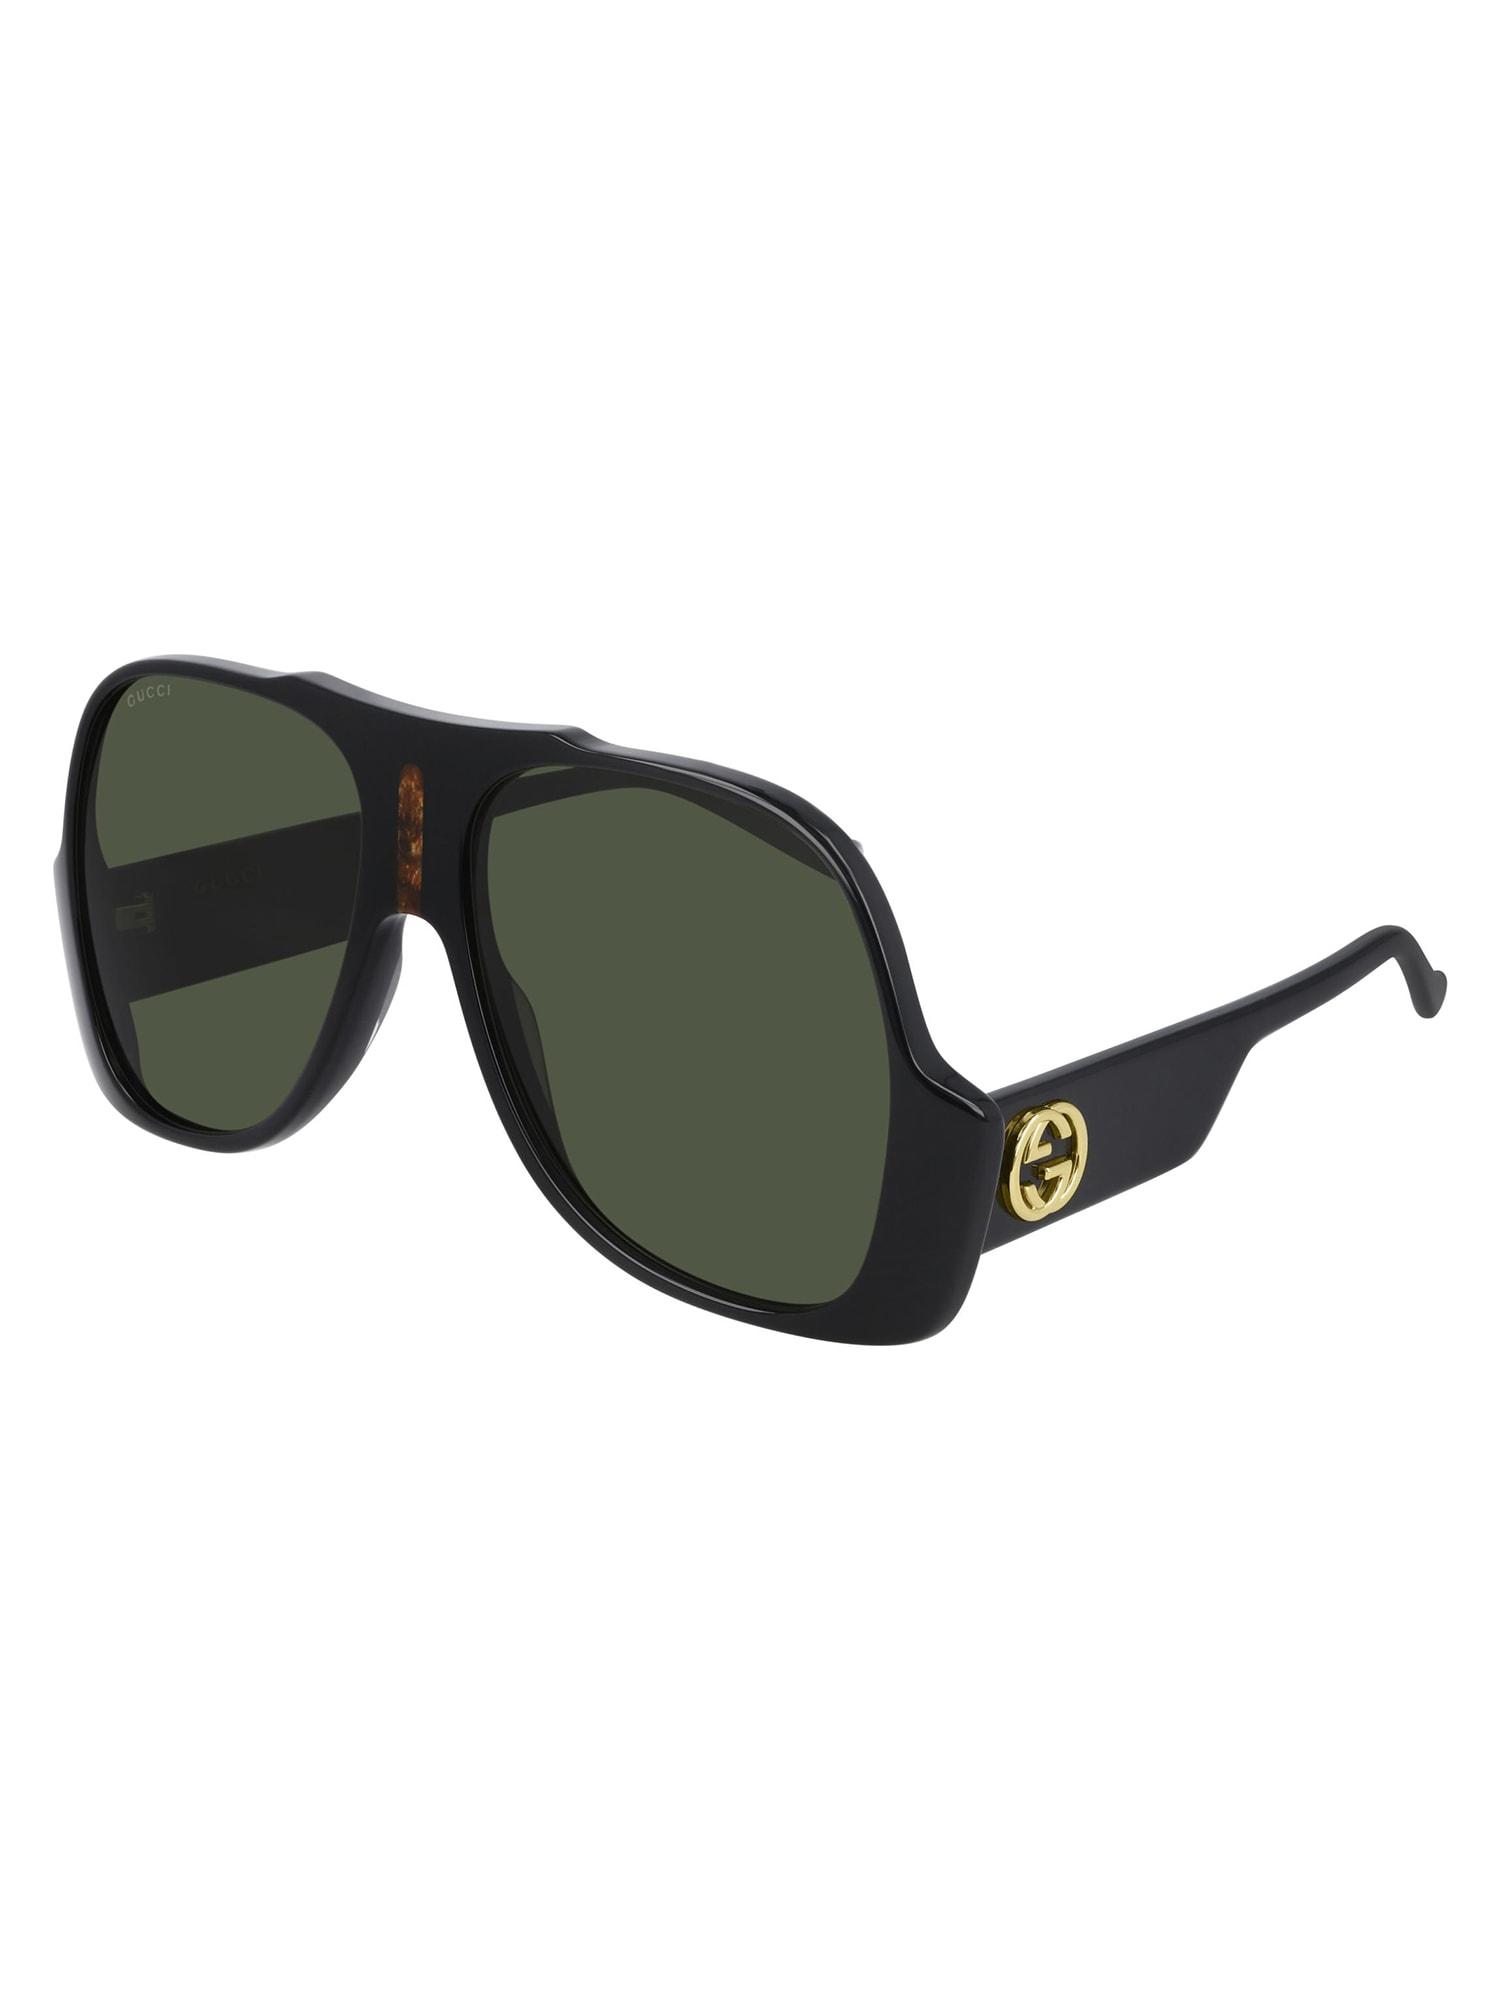 Gucci GG0785S Sunglasses